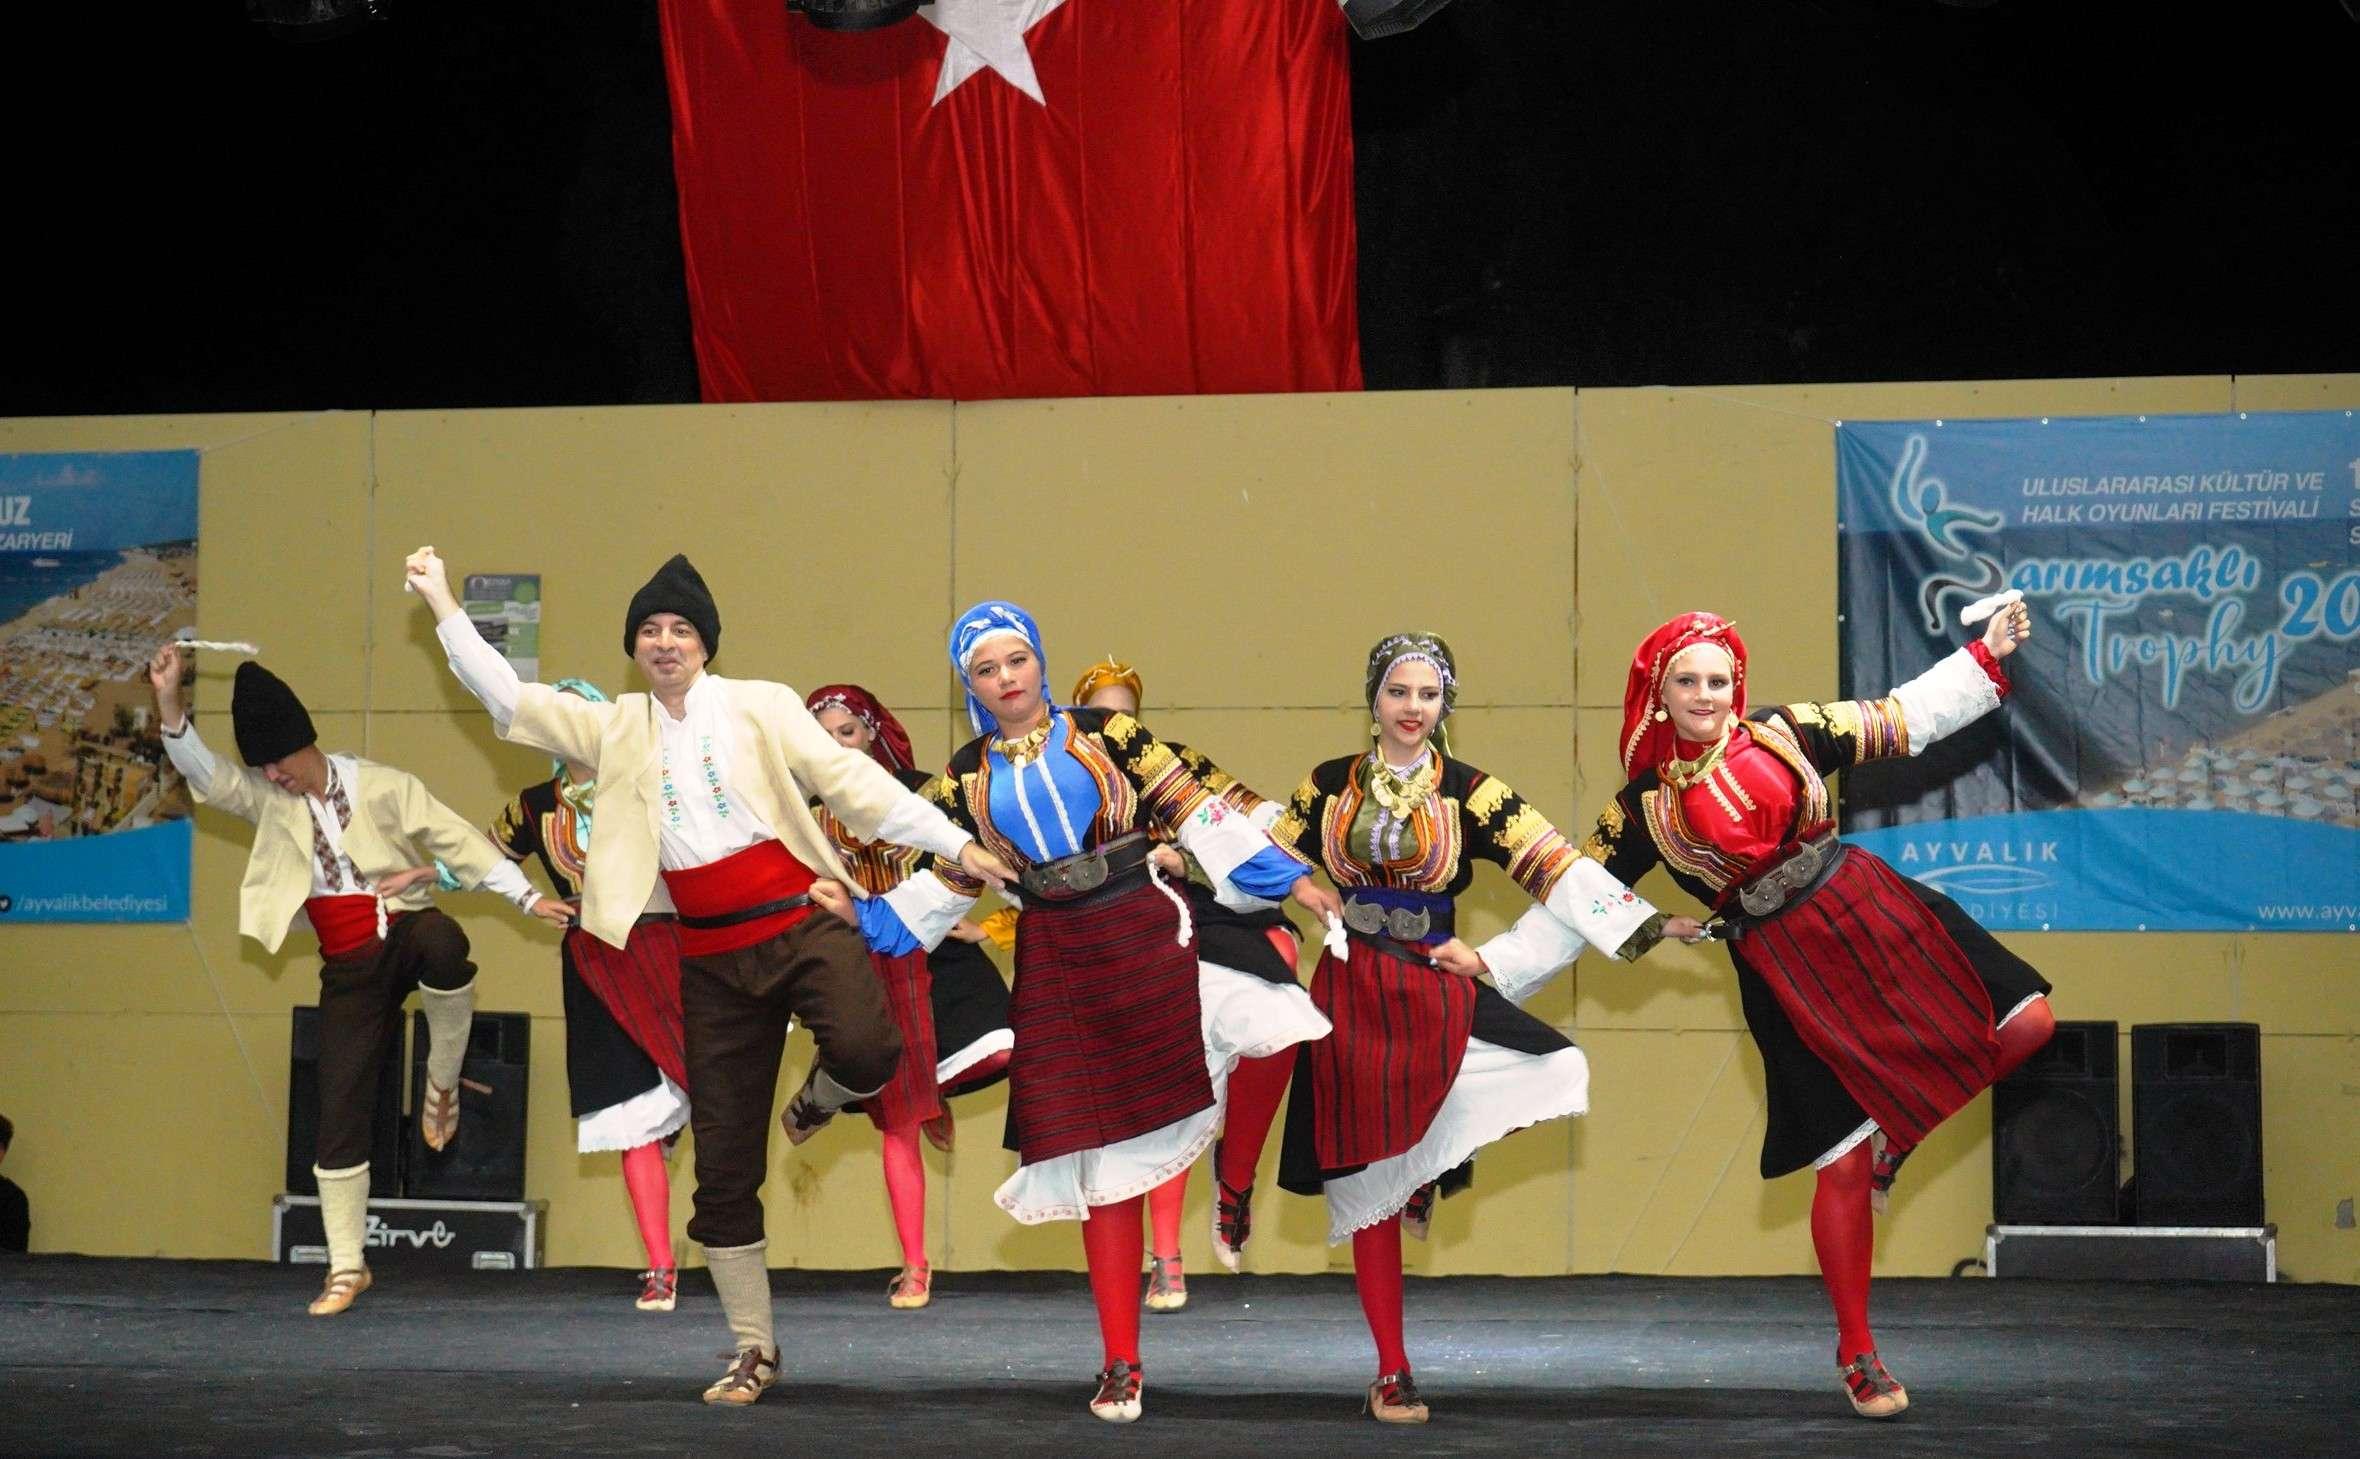 trophy-2021-uluslararasi-kultur-ve-halk-oyunlari-festivali-1999